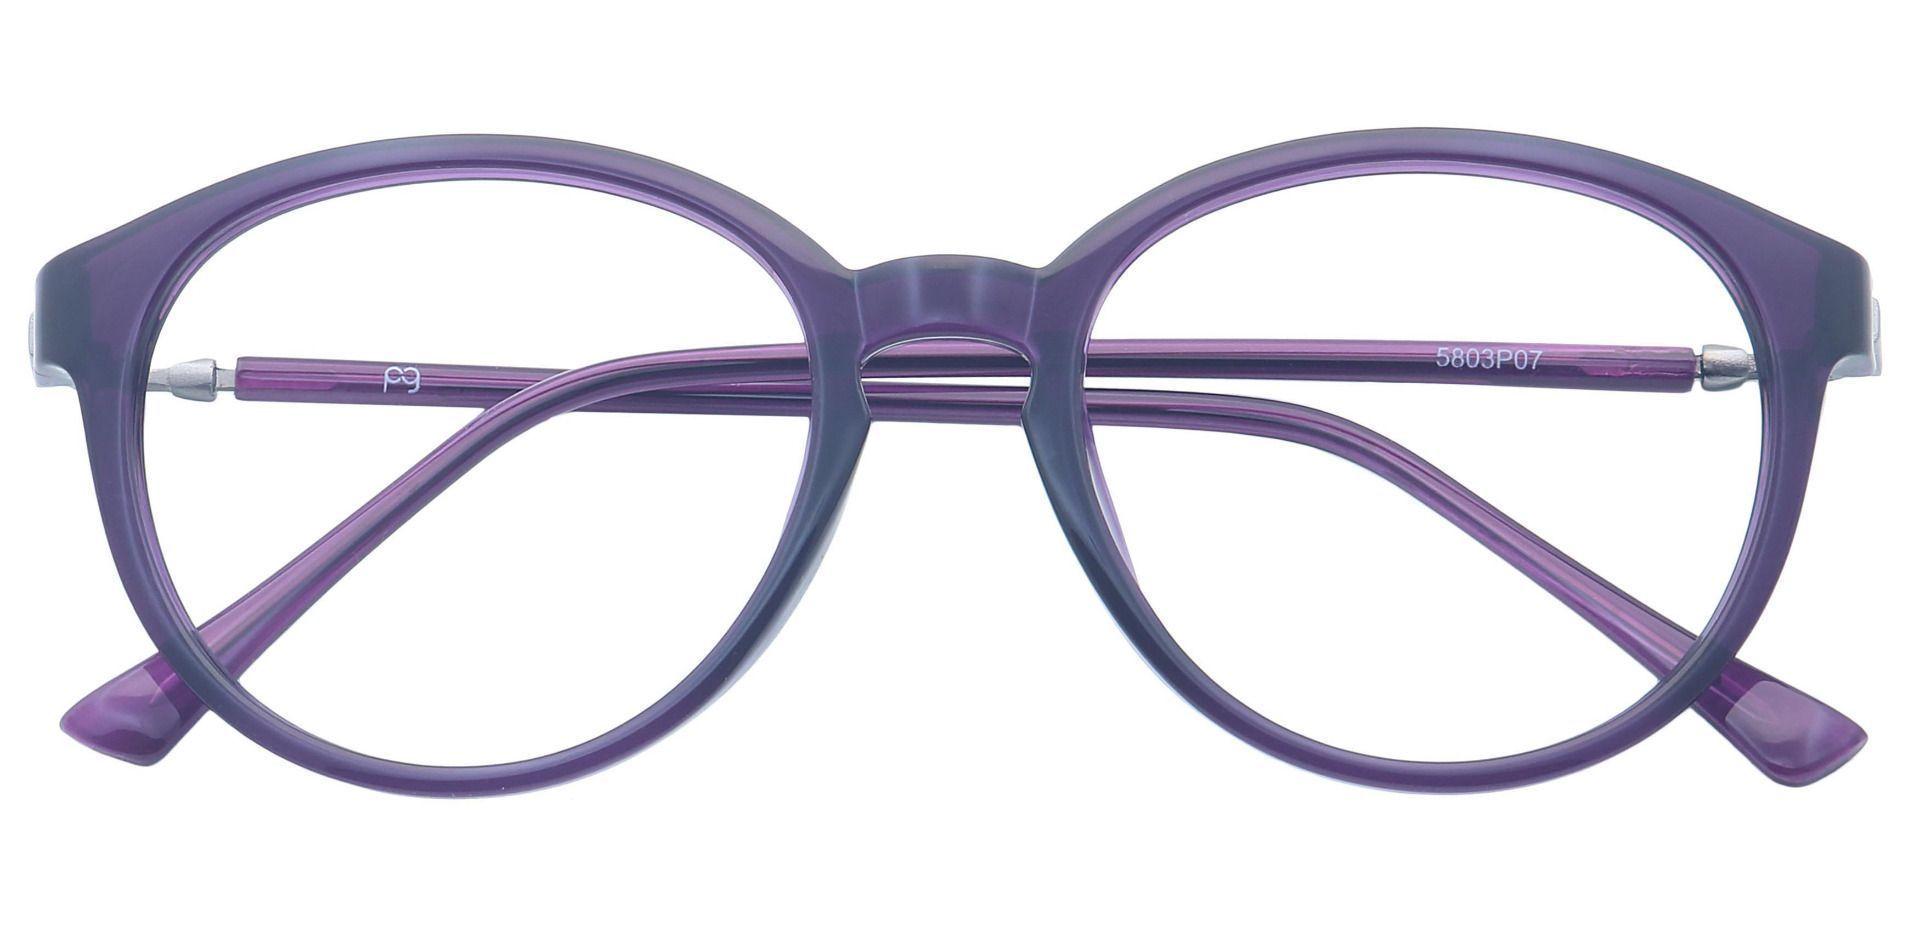 Asia Round Prescription Glasses - Purple